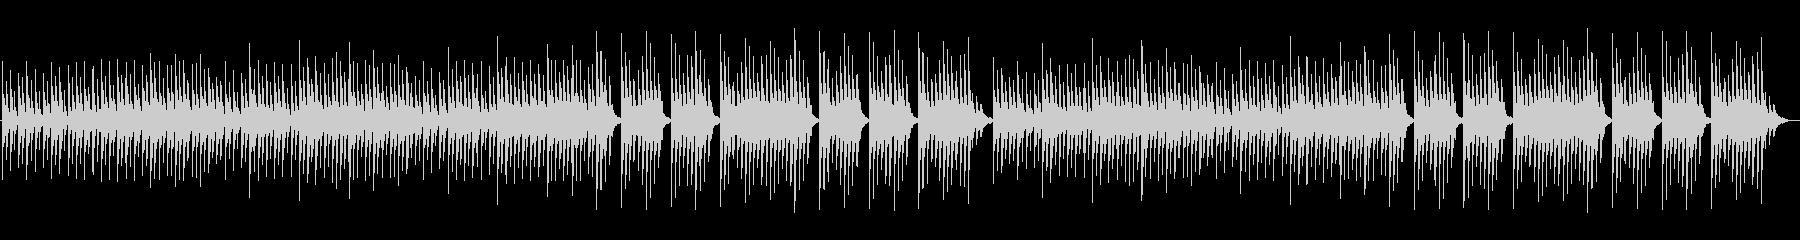 神秘的で幻想的なファミコン風BGMの未再生の波形